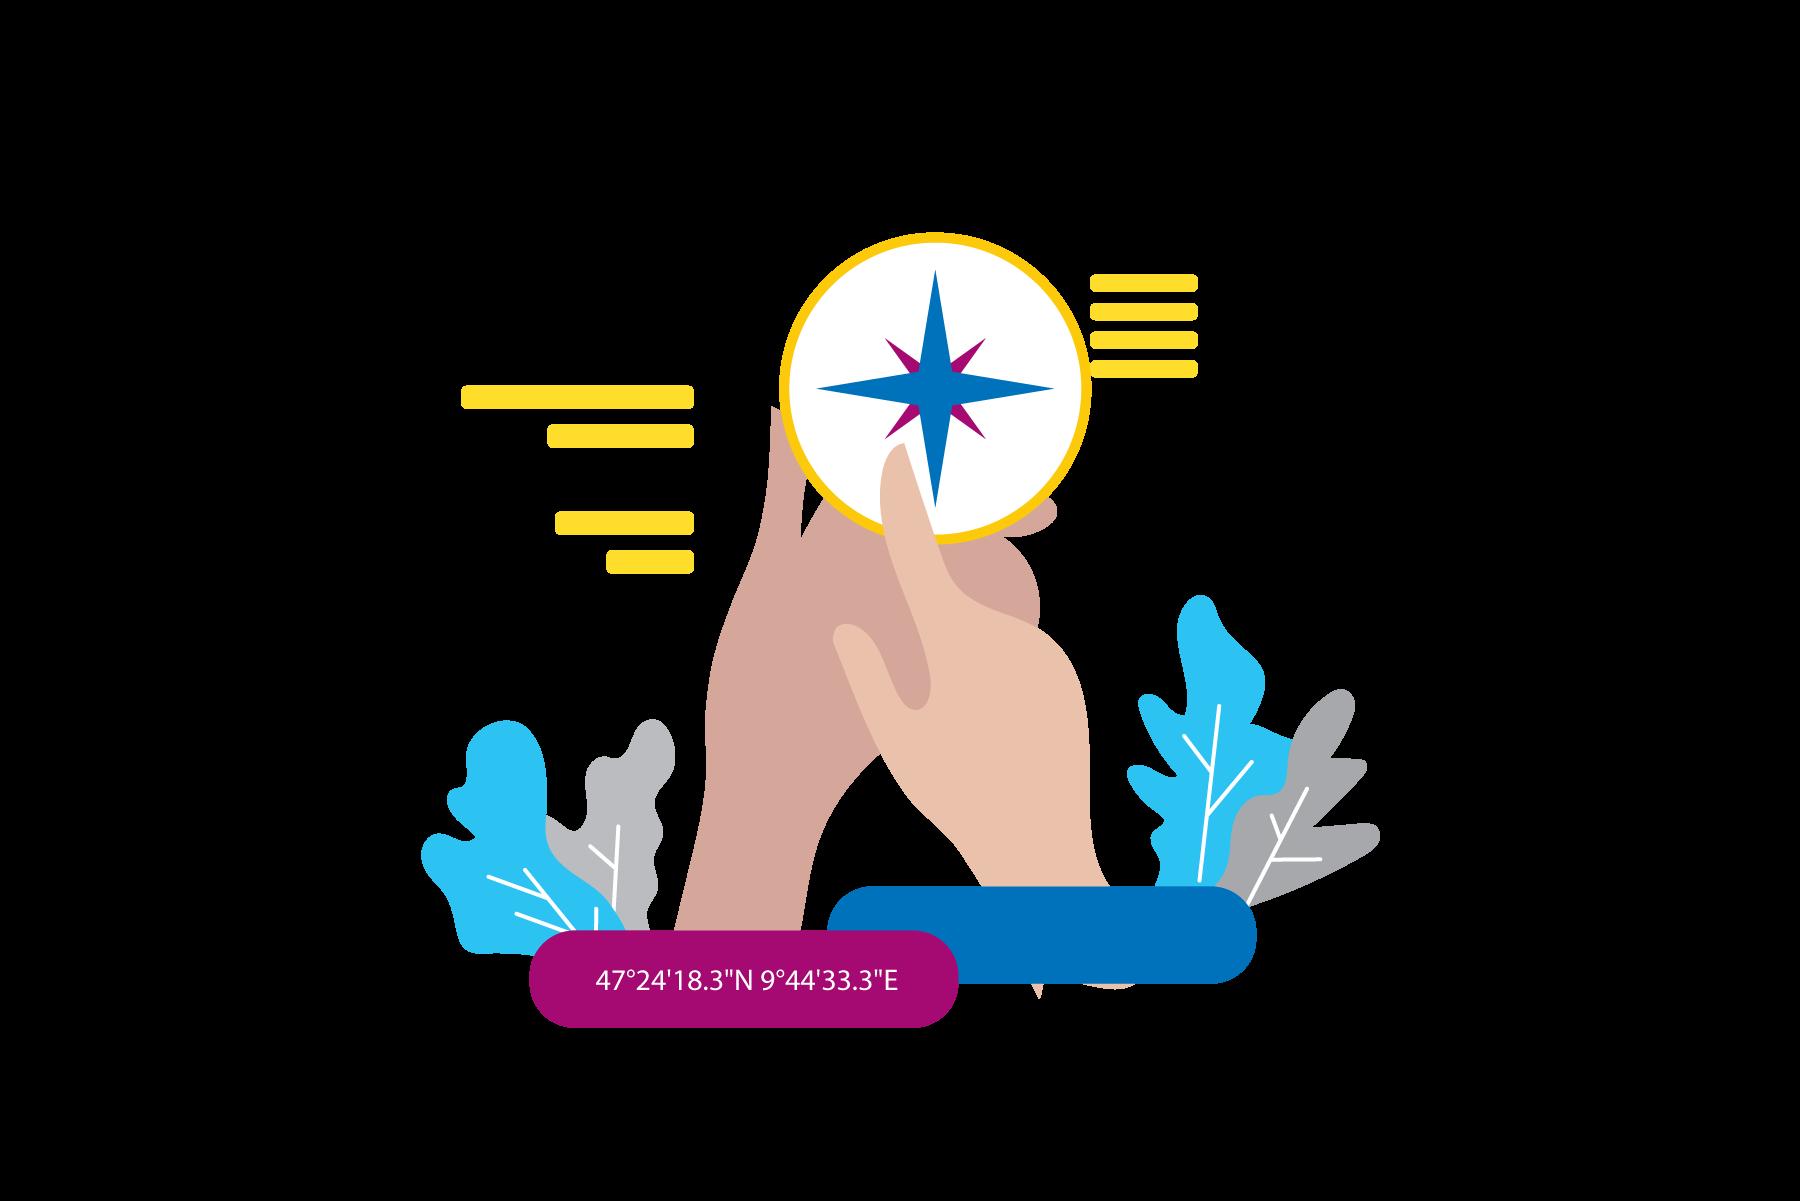 Routenplanung, Analysen und Optimierungen mit exakten Koordinaten von addHelix sind 100% zielführend und unterstützen Sie bei weiteren Planungen.